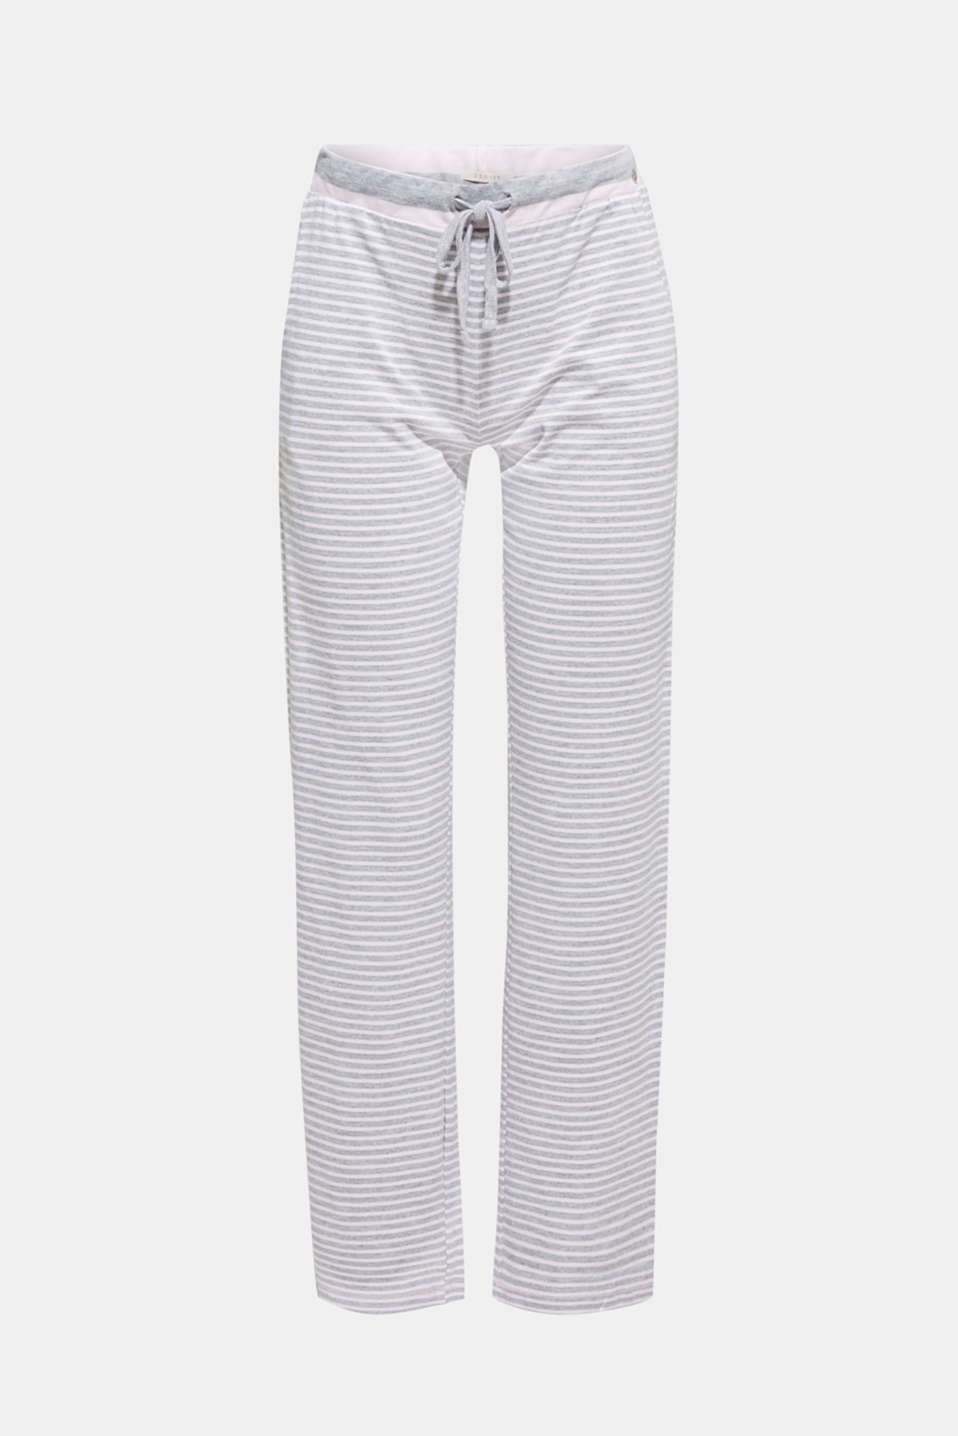 Nightpants, PASTEL PINK, detail image number 4